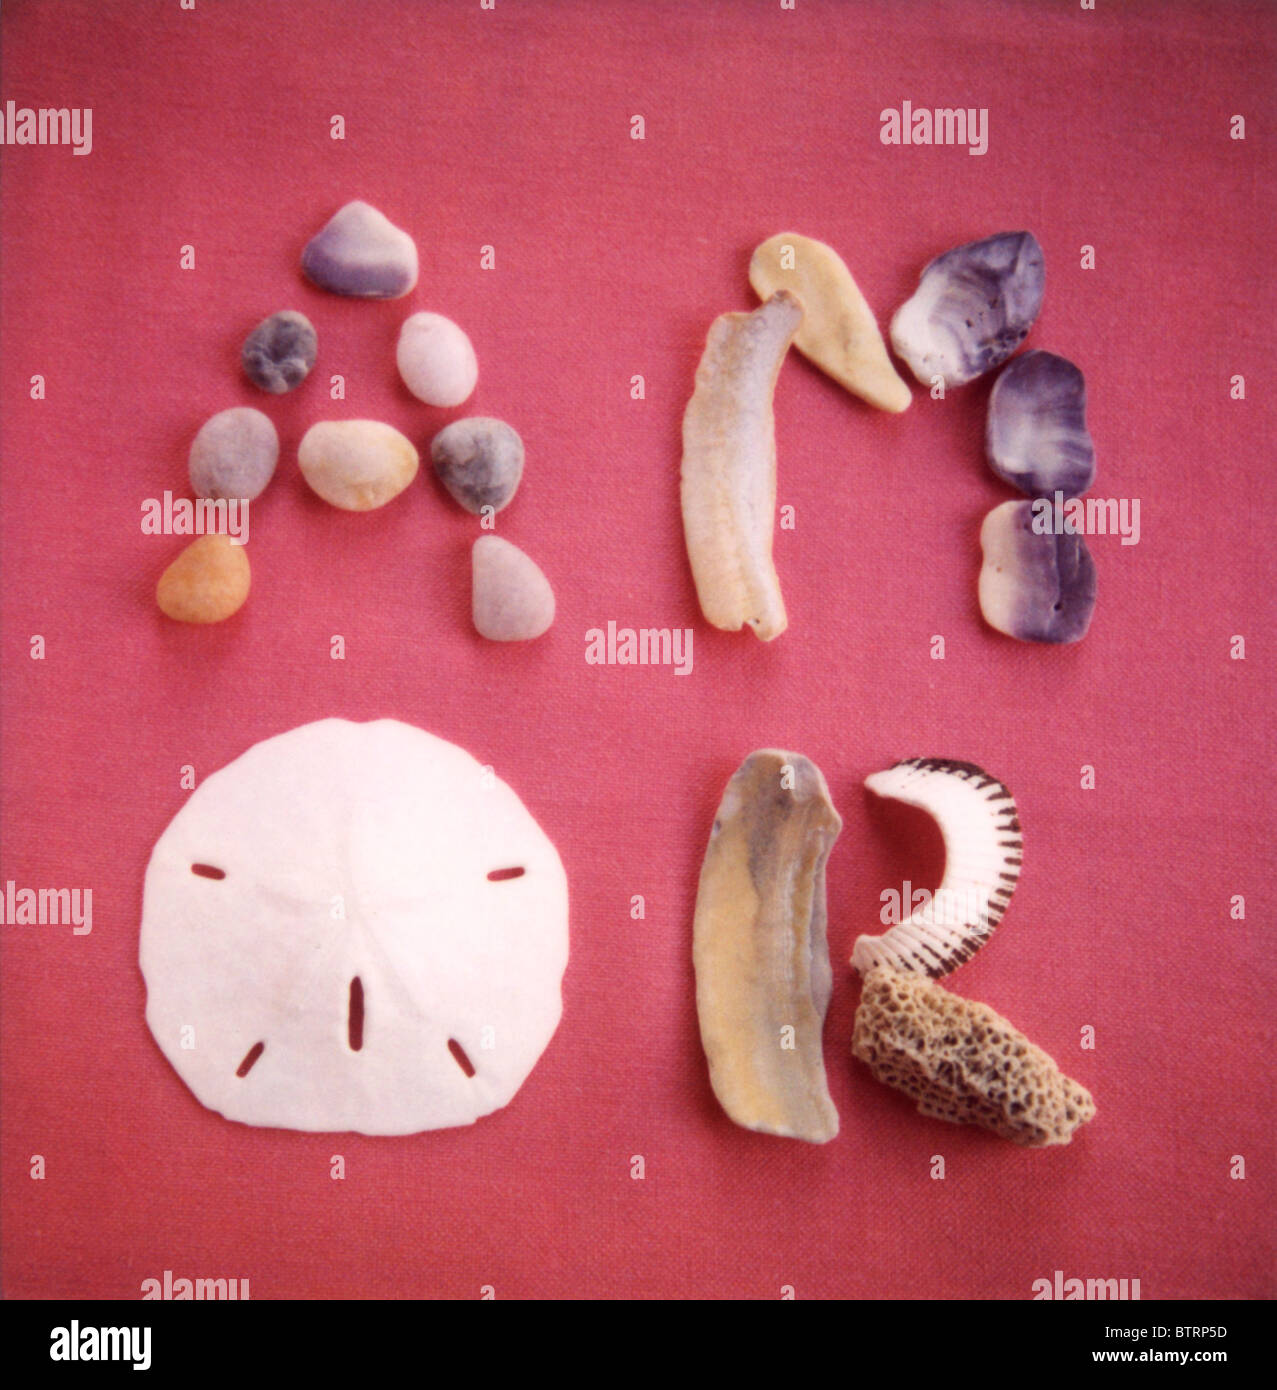 La palabra Amor creado con conchas, piedras y coral Imagen De Stock